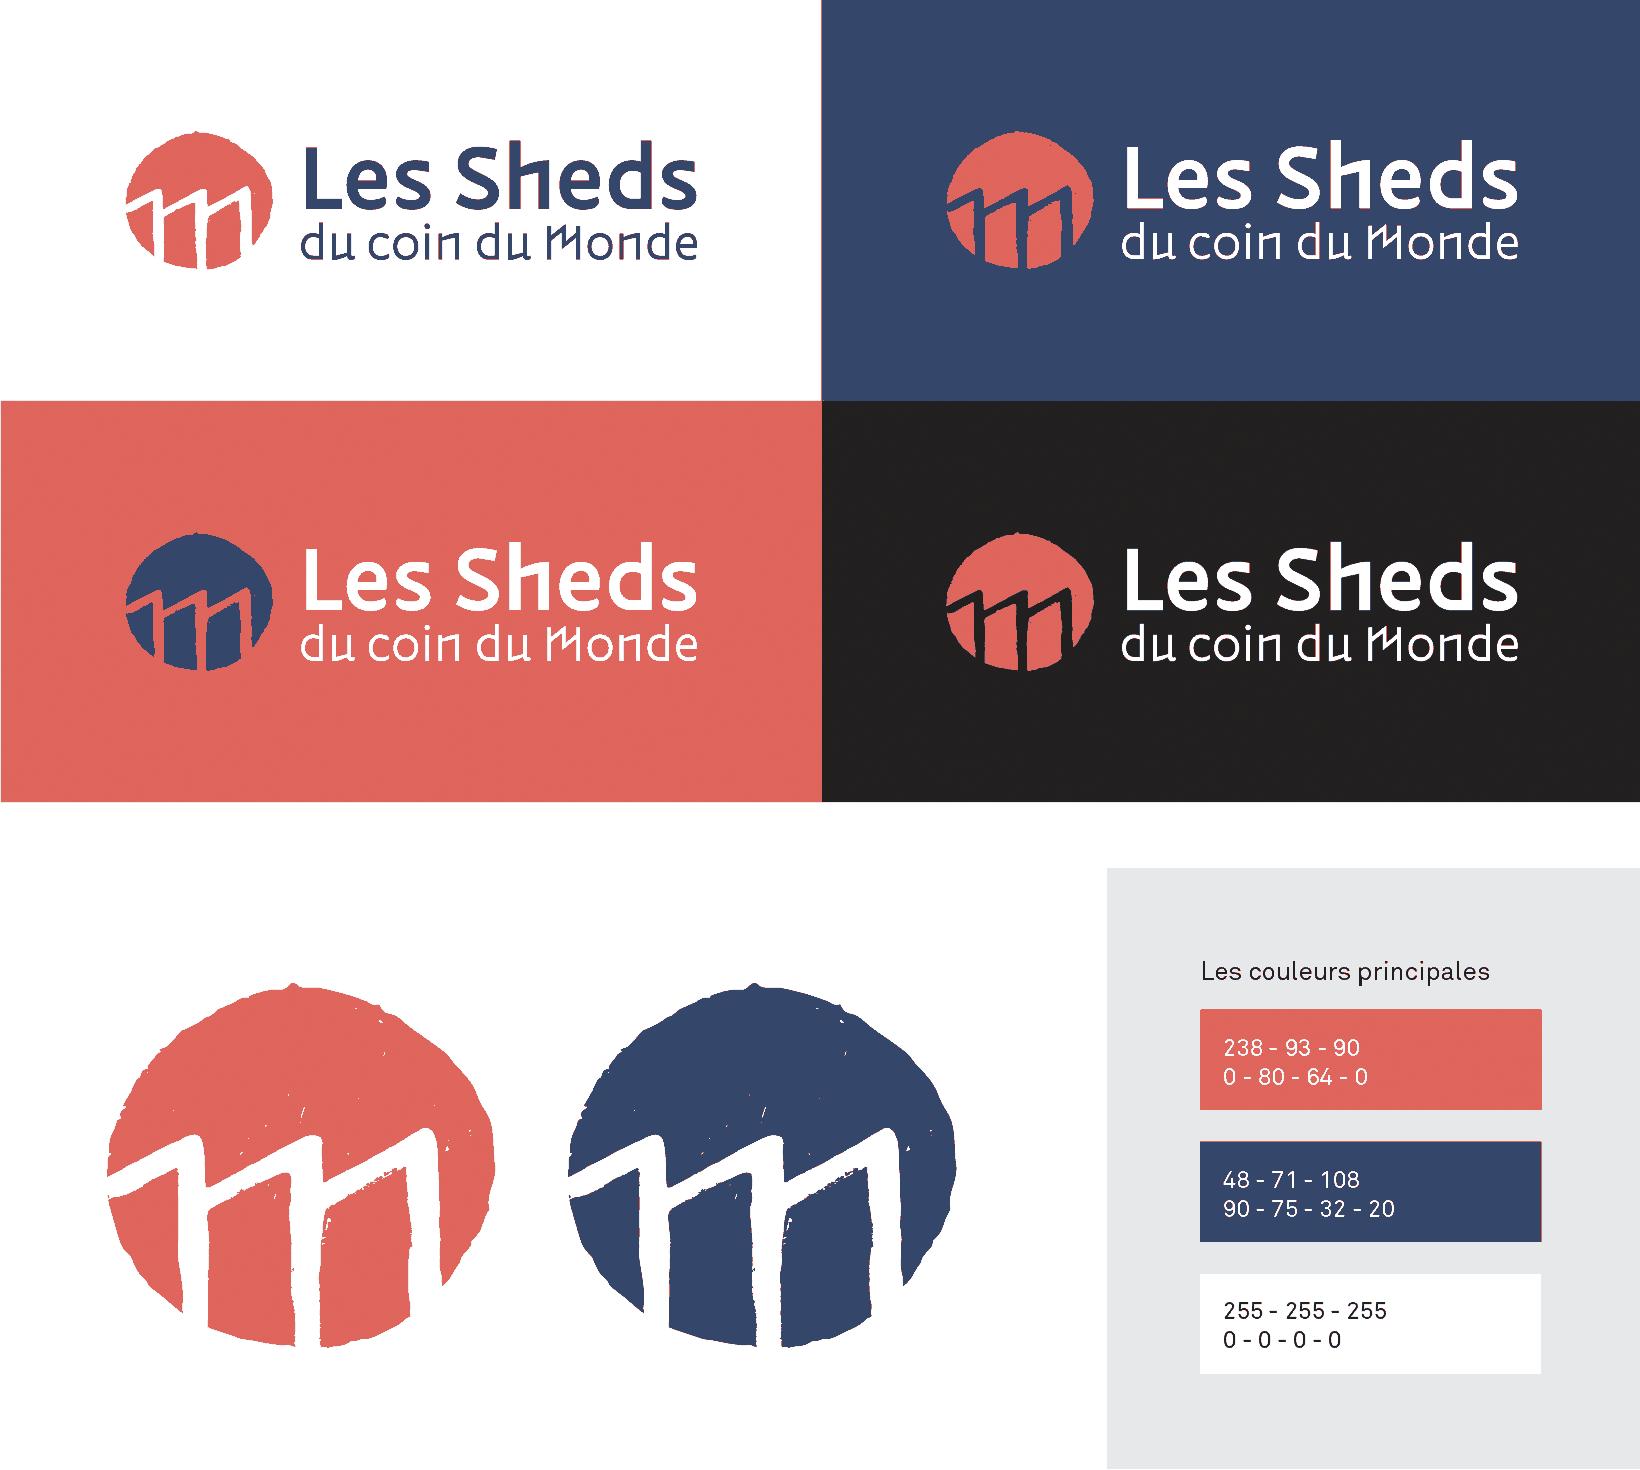 les-sheds-du-coin-du-monde-02